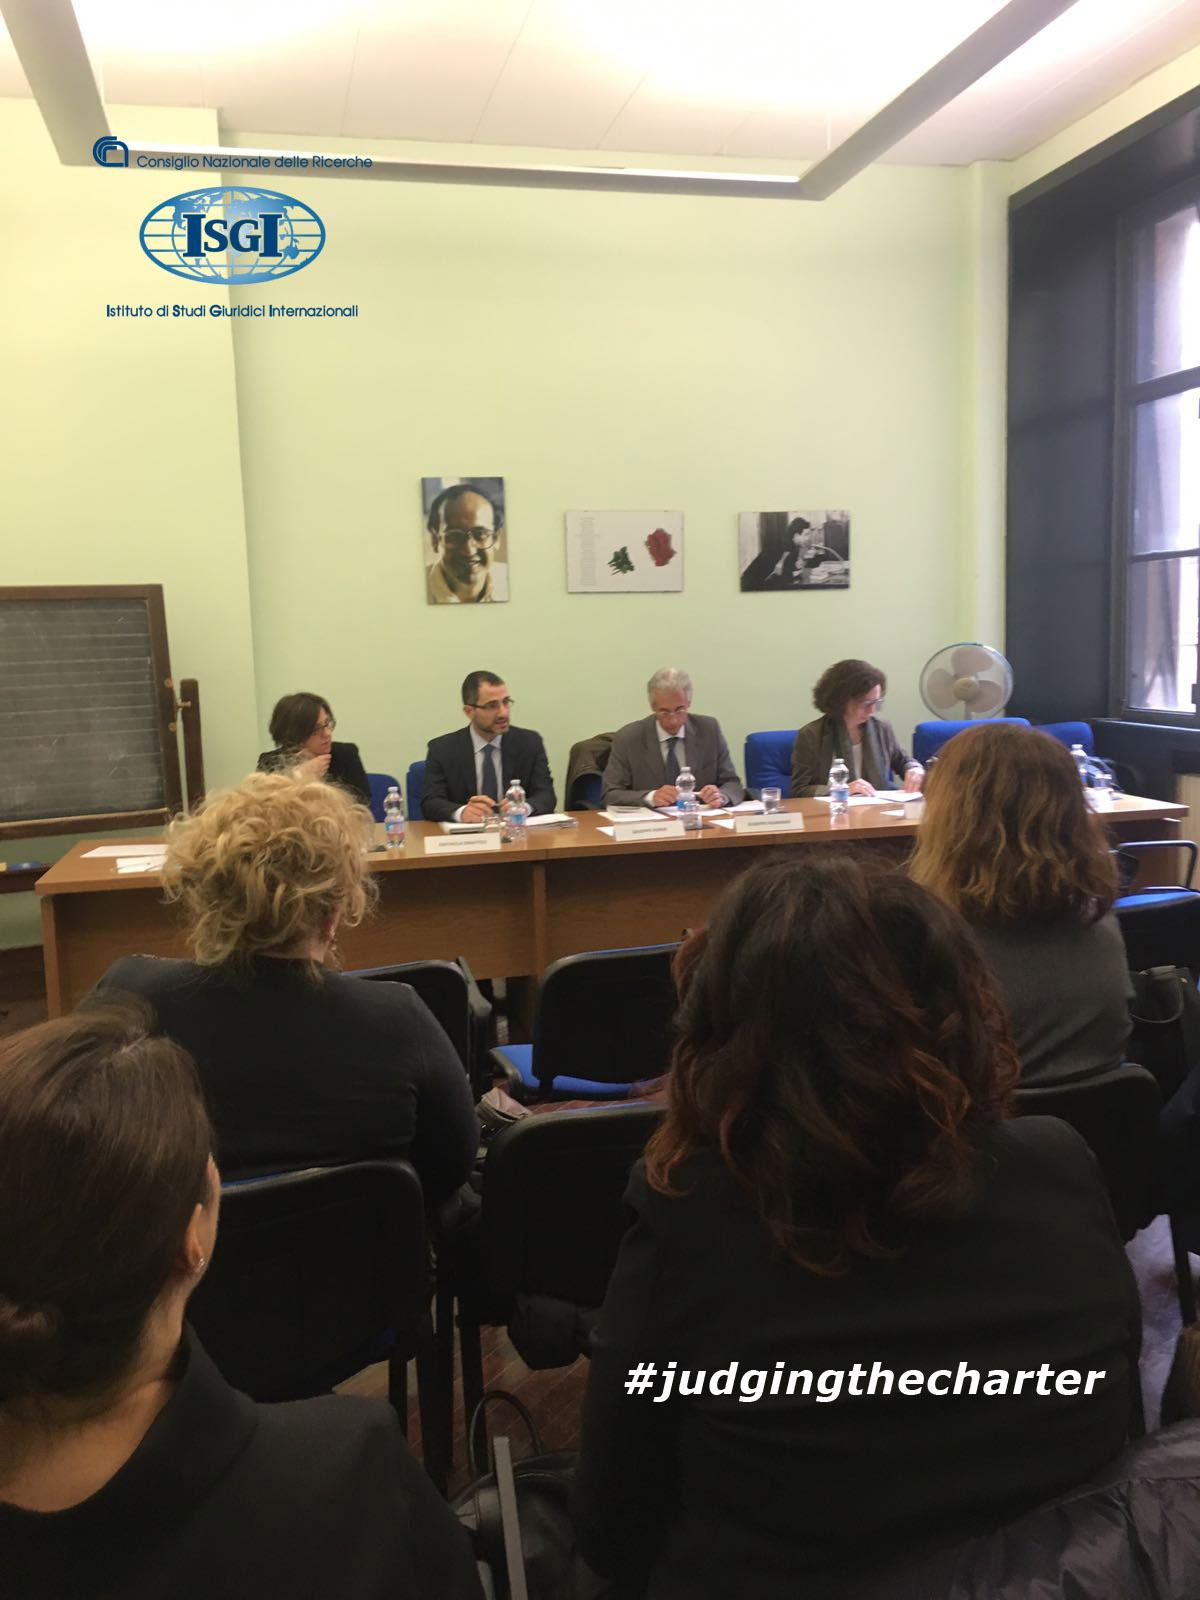 La Carta dei diritti fondamentali e la sua applicazione nell'ambito dell'asilo e della protezione internazionale 6.04.2018 Milano